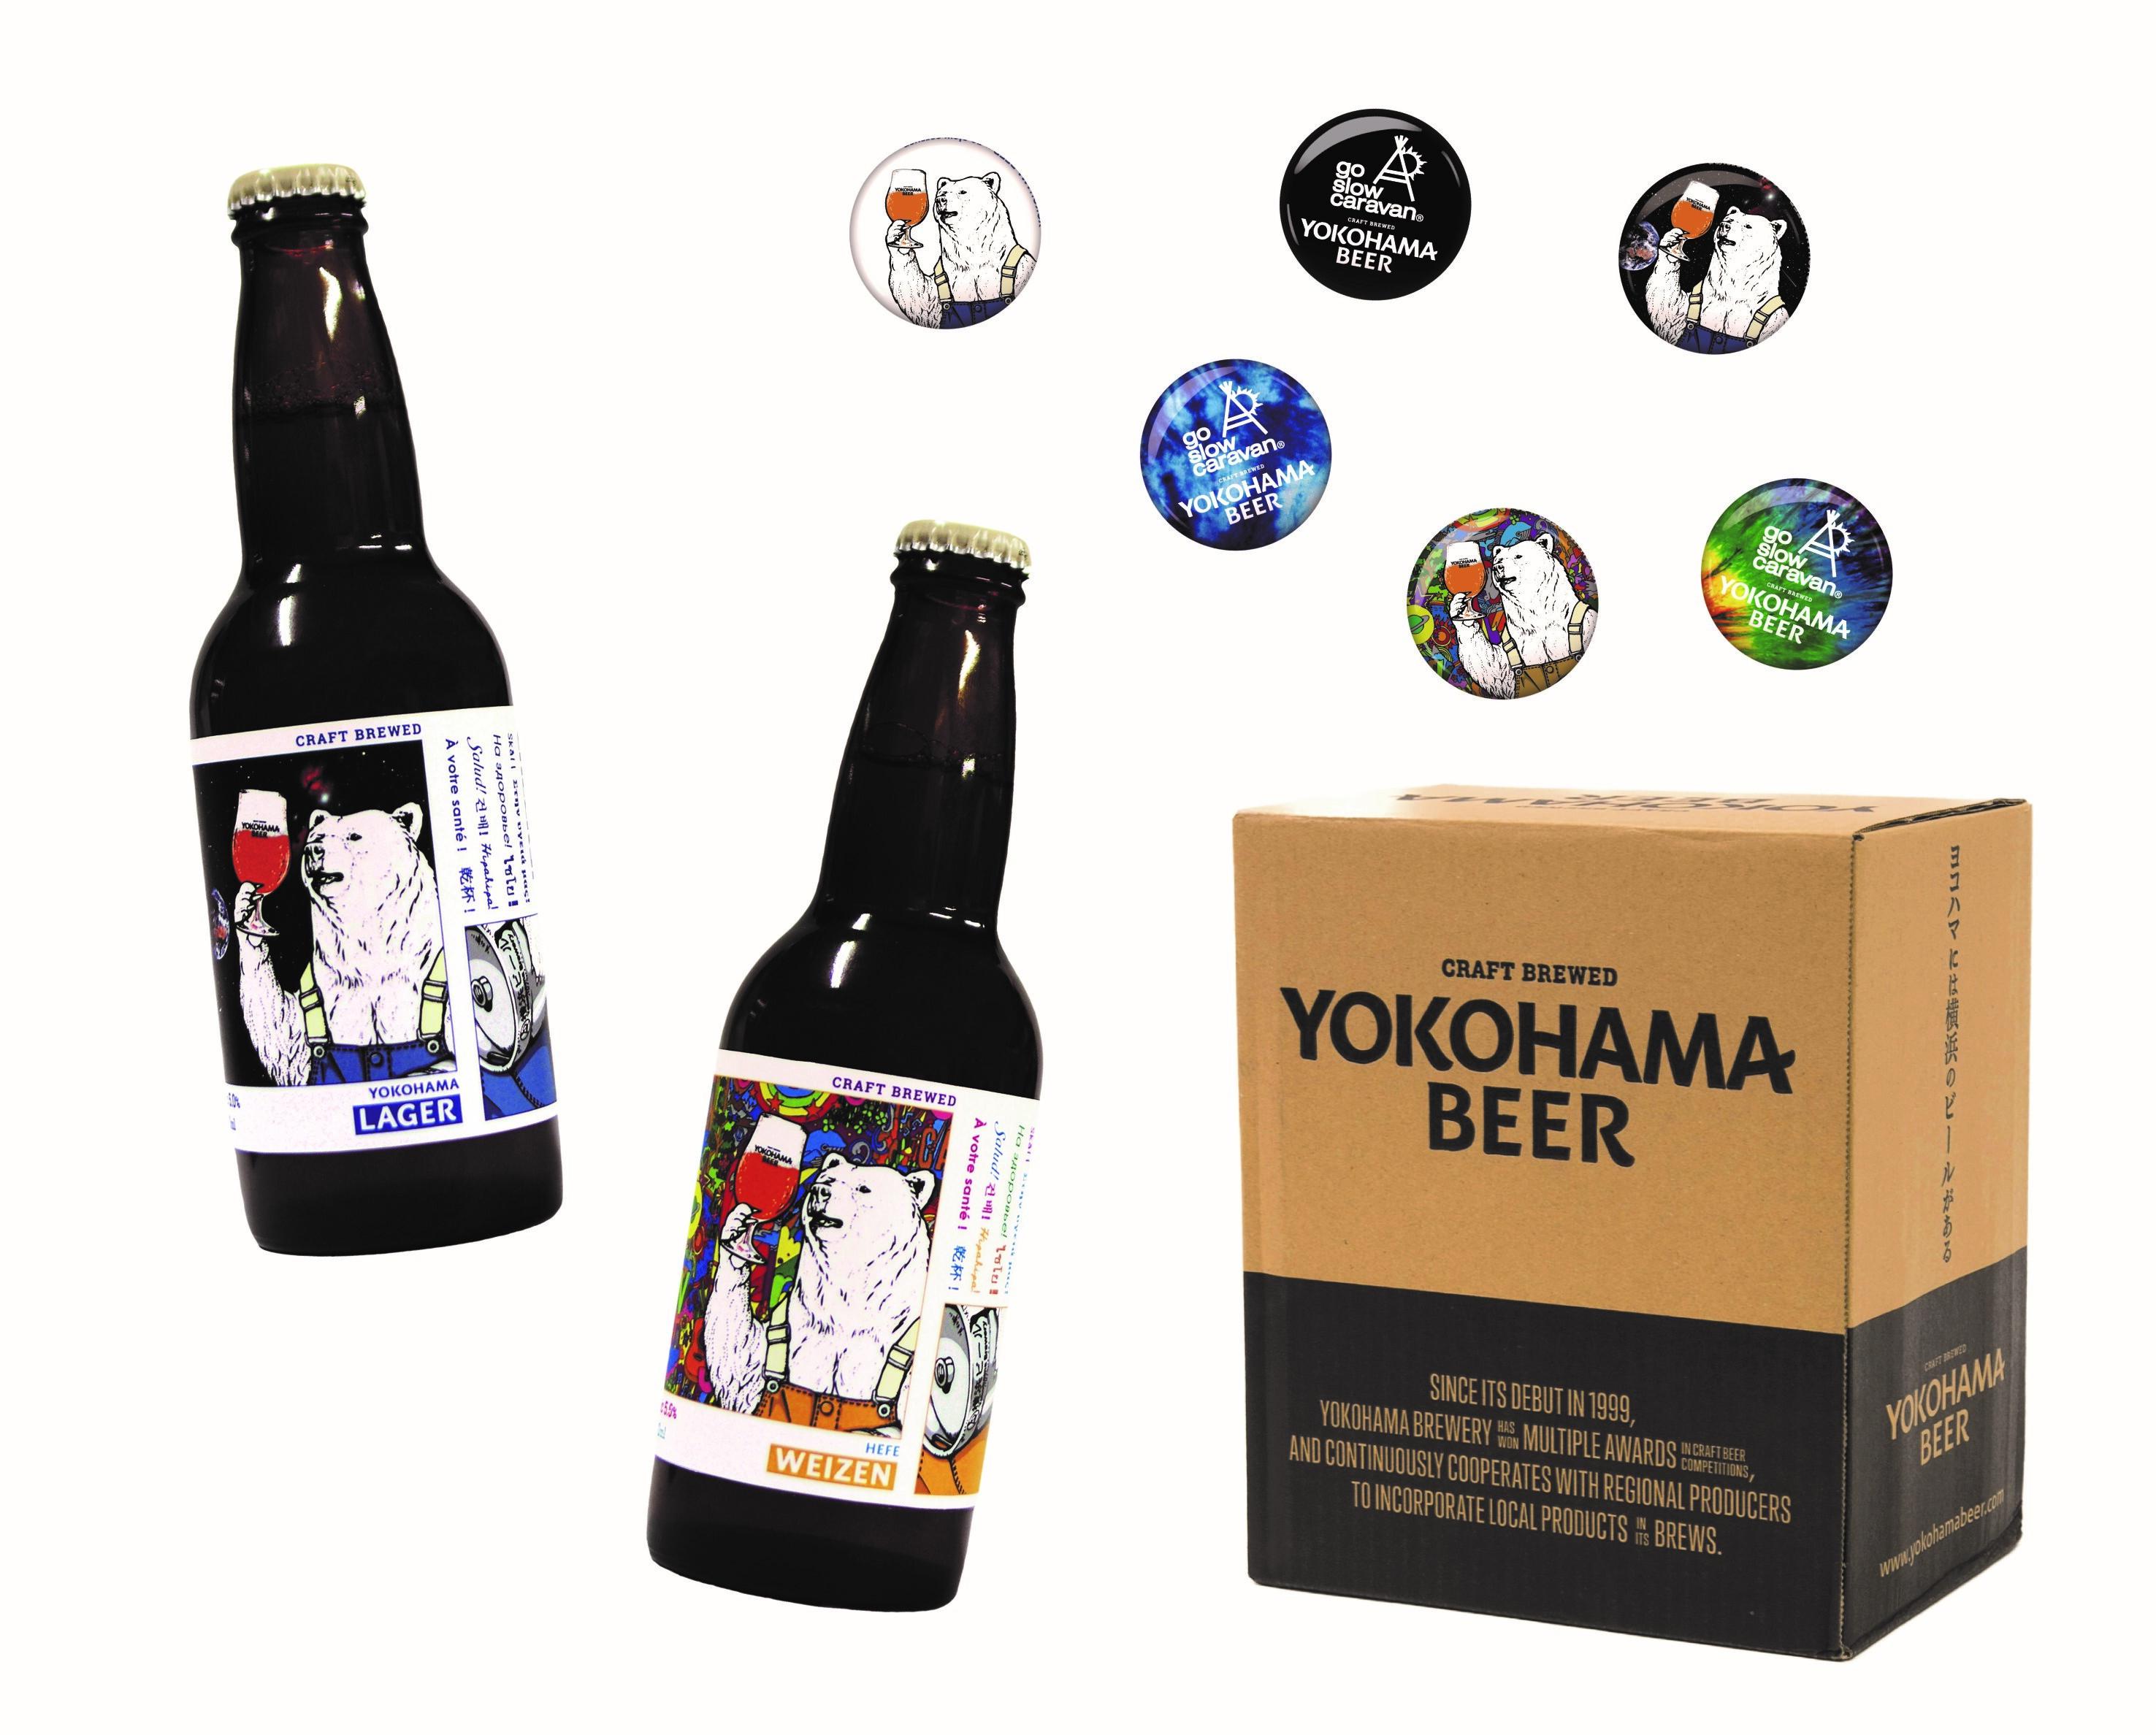 go slow caravanコラボレーションラベルビール 6本セット 7月1日(木)12:00~予約受付開始!! 300セット限定販売!!